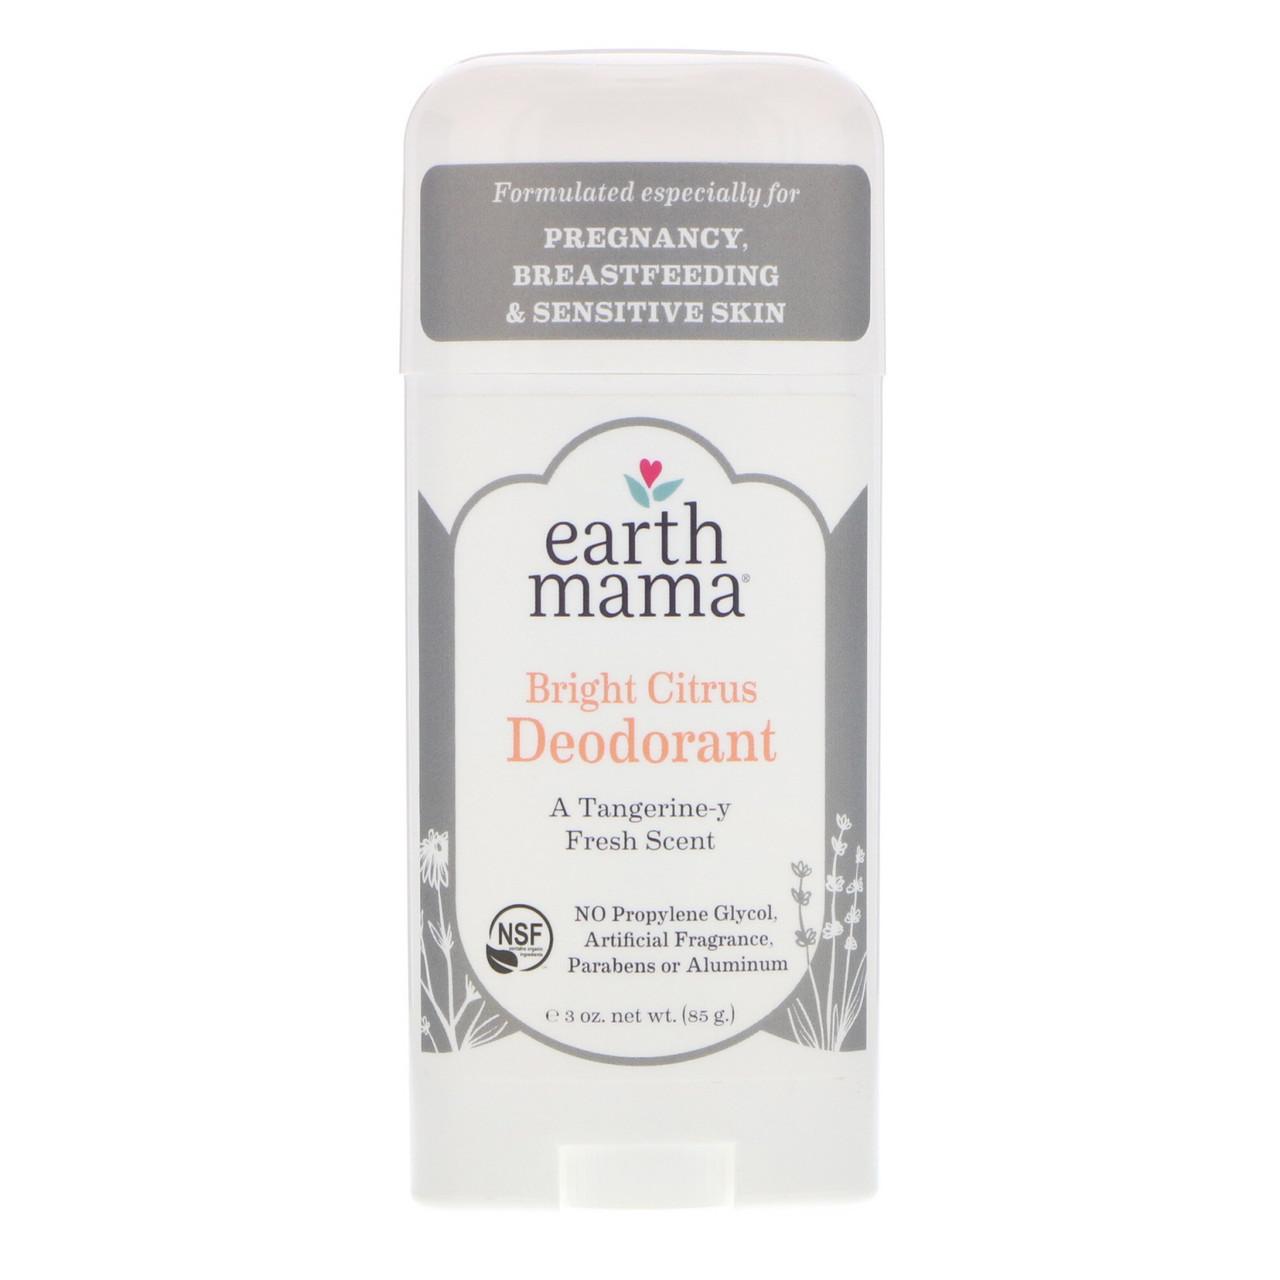 Earth Mama, Deodorant, Bright Citrus, 3 oz (85 g)